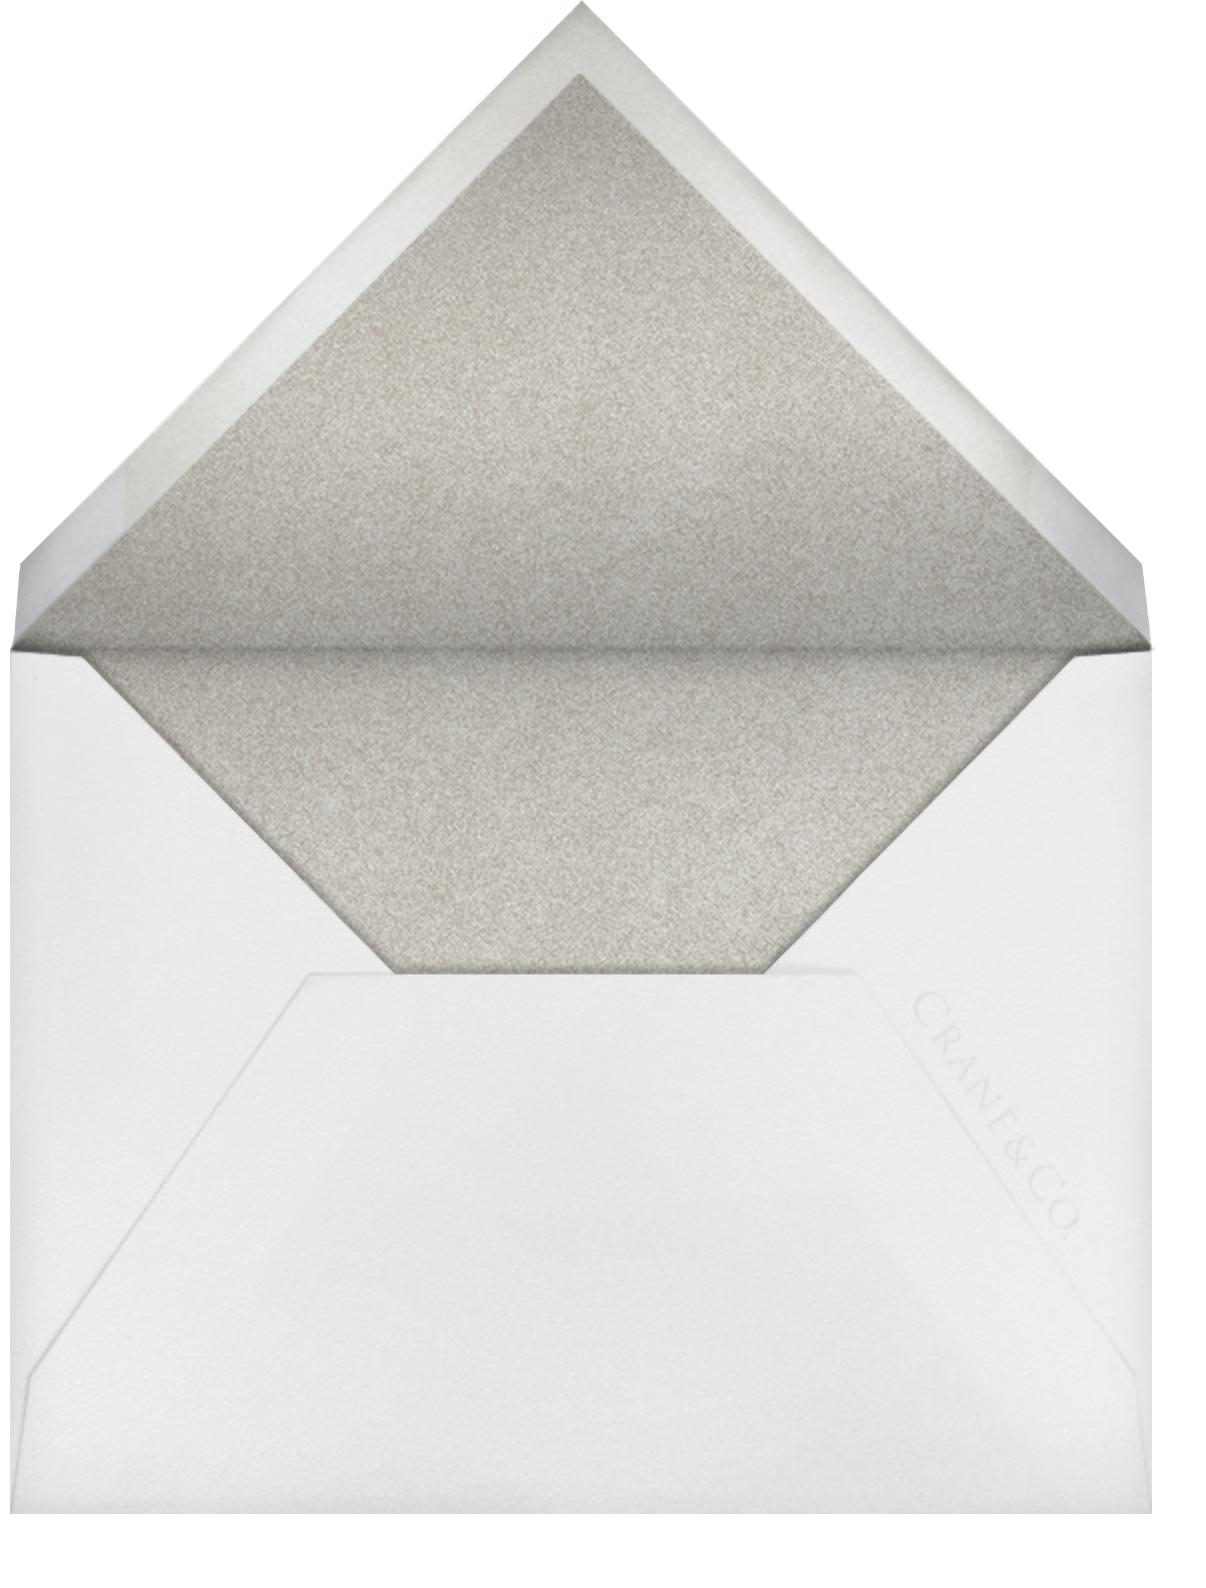 Stitched Floral I - Platinum (Save the Date) - Oscar de la Renta - Envelope